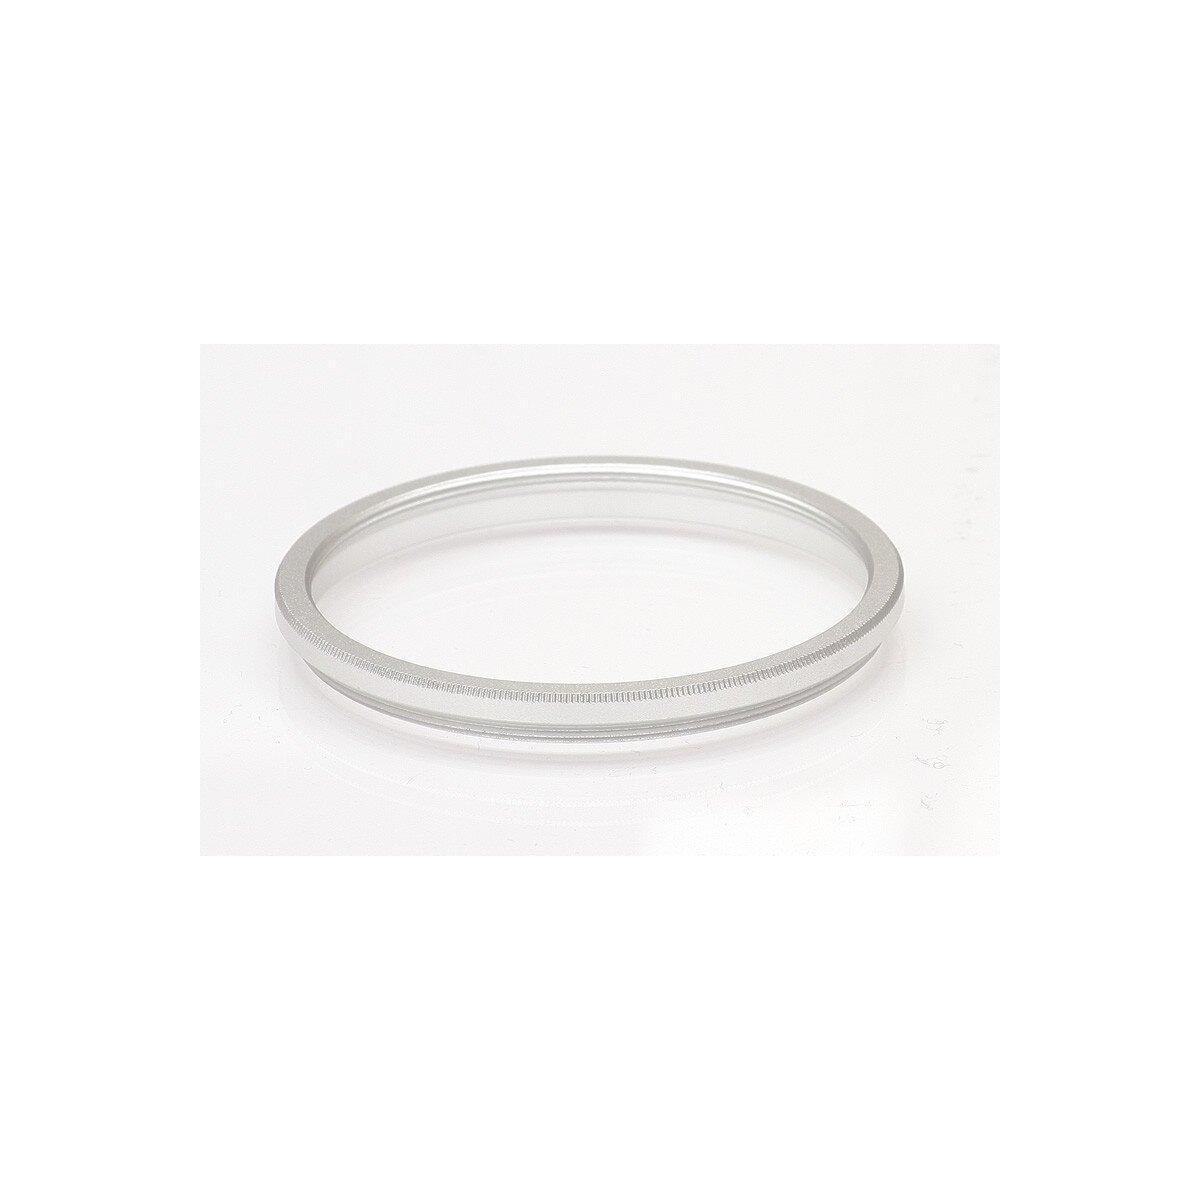 Adapterring 30,5mm - 30mm: 30,5mm Außengewinde und 30mm Innengewinde (Step Down Ring) - in silber